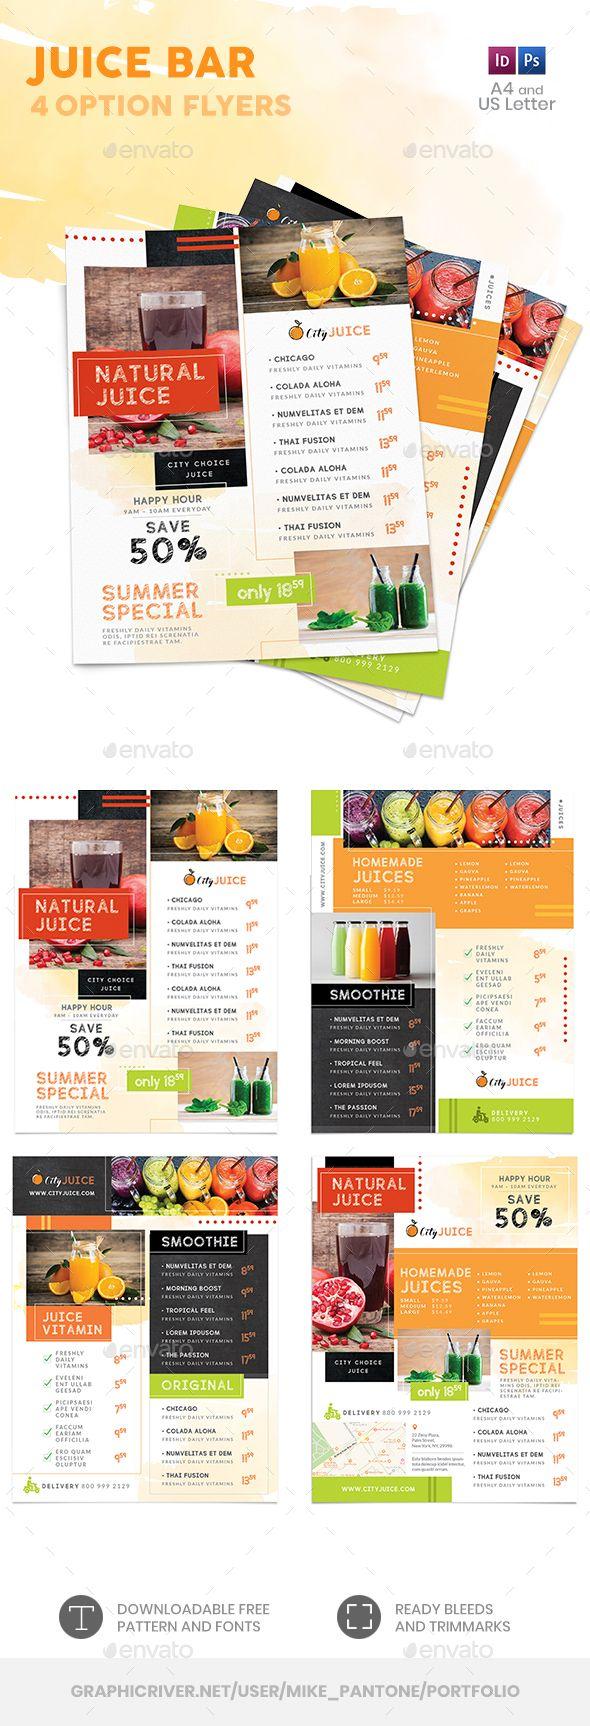 Juice Bar Menu Flyer Templates Psd Indesign Indd Juice Bar Menu Juice Bar Menu Flyer